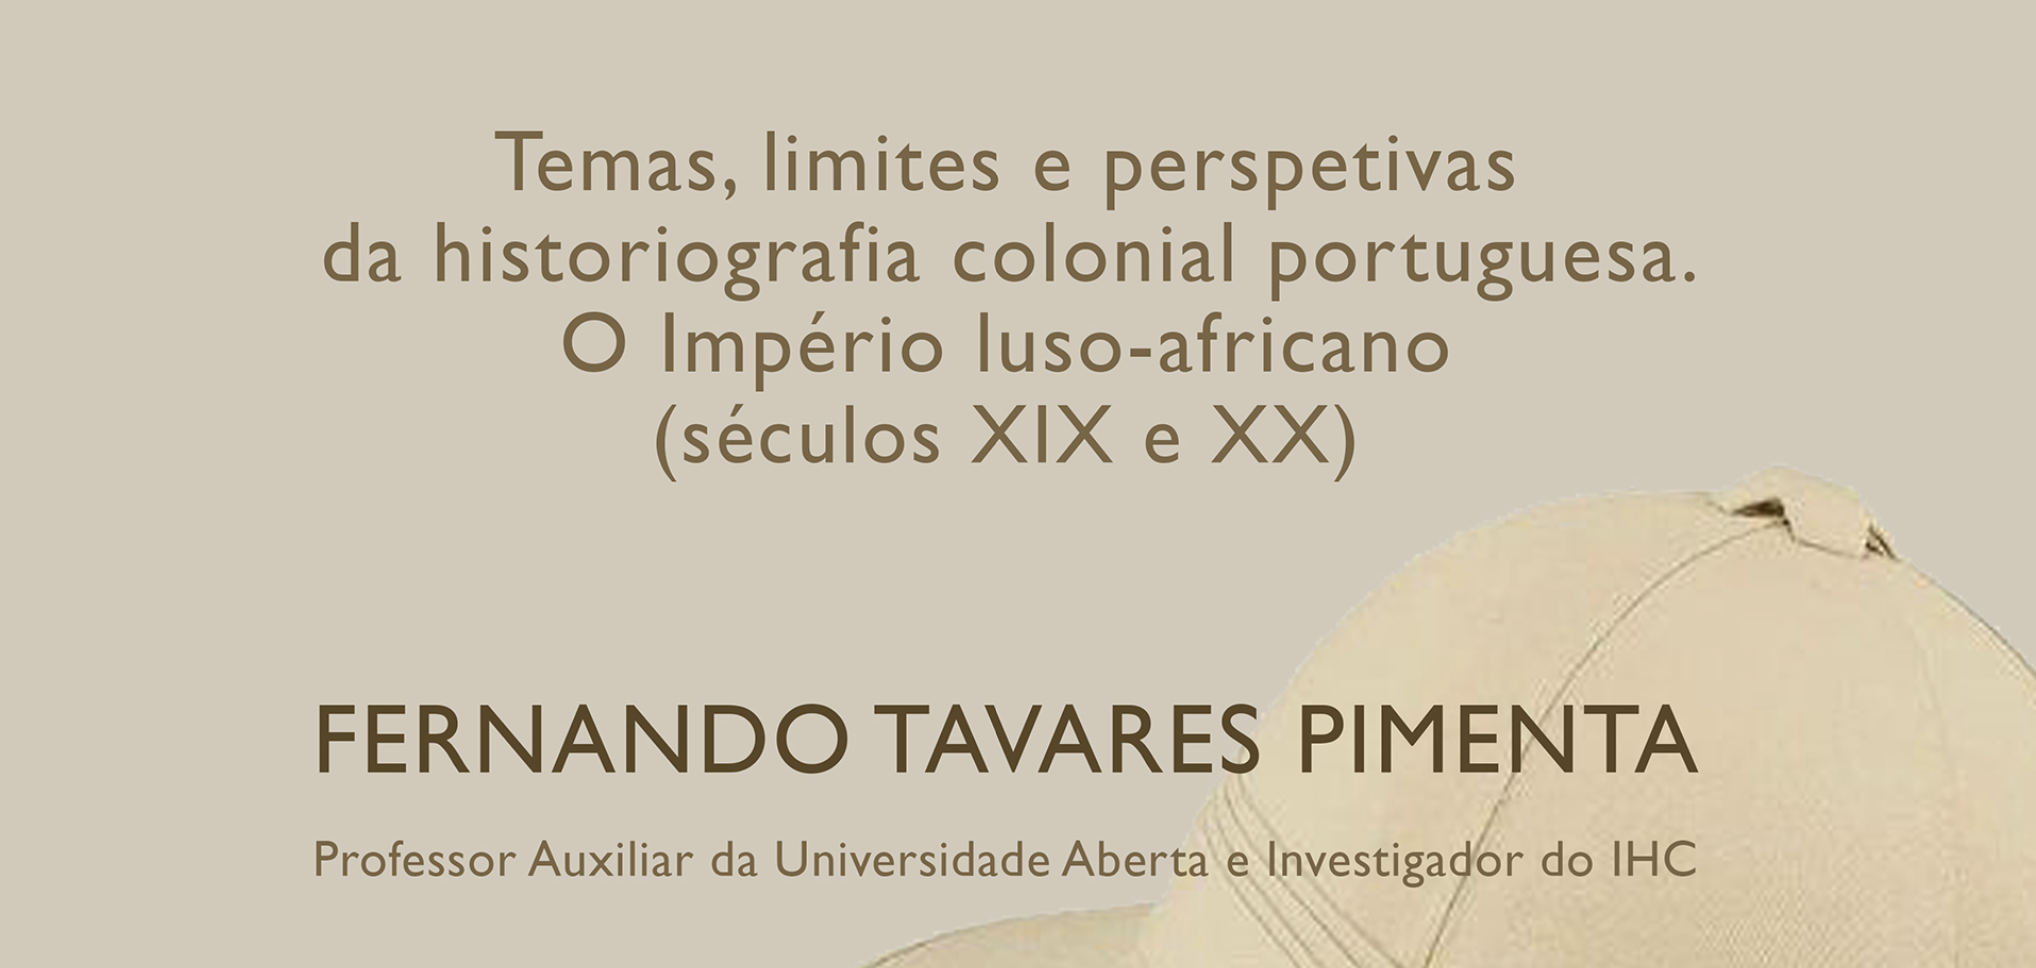 Conferência por Fernando Tavares Pimenta: Temas, limites e perspetivas da historiografia colonial portuguesa. O Império luso-africano (séculos XIX e XX)